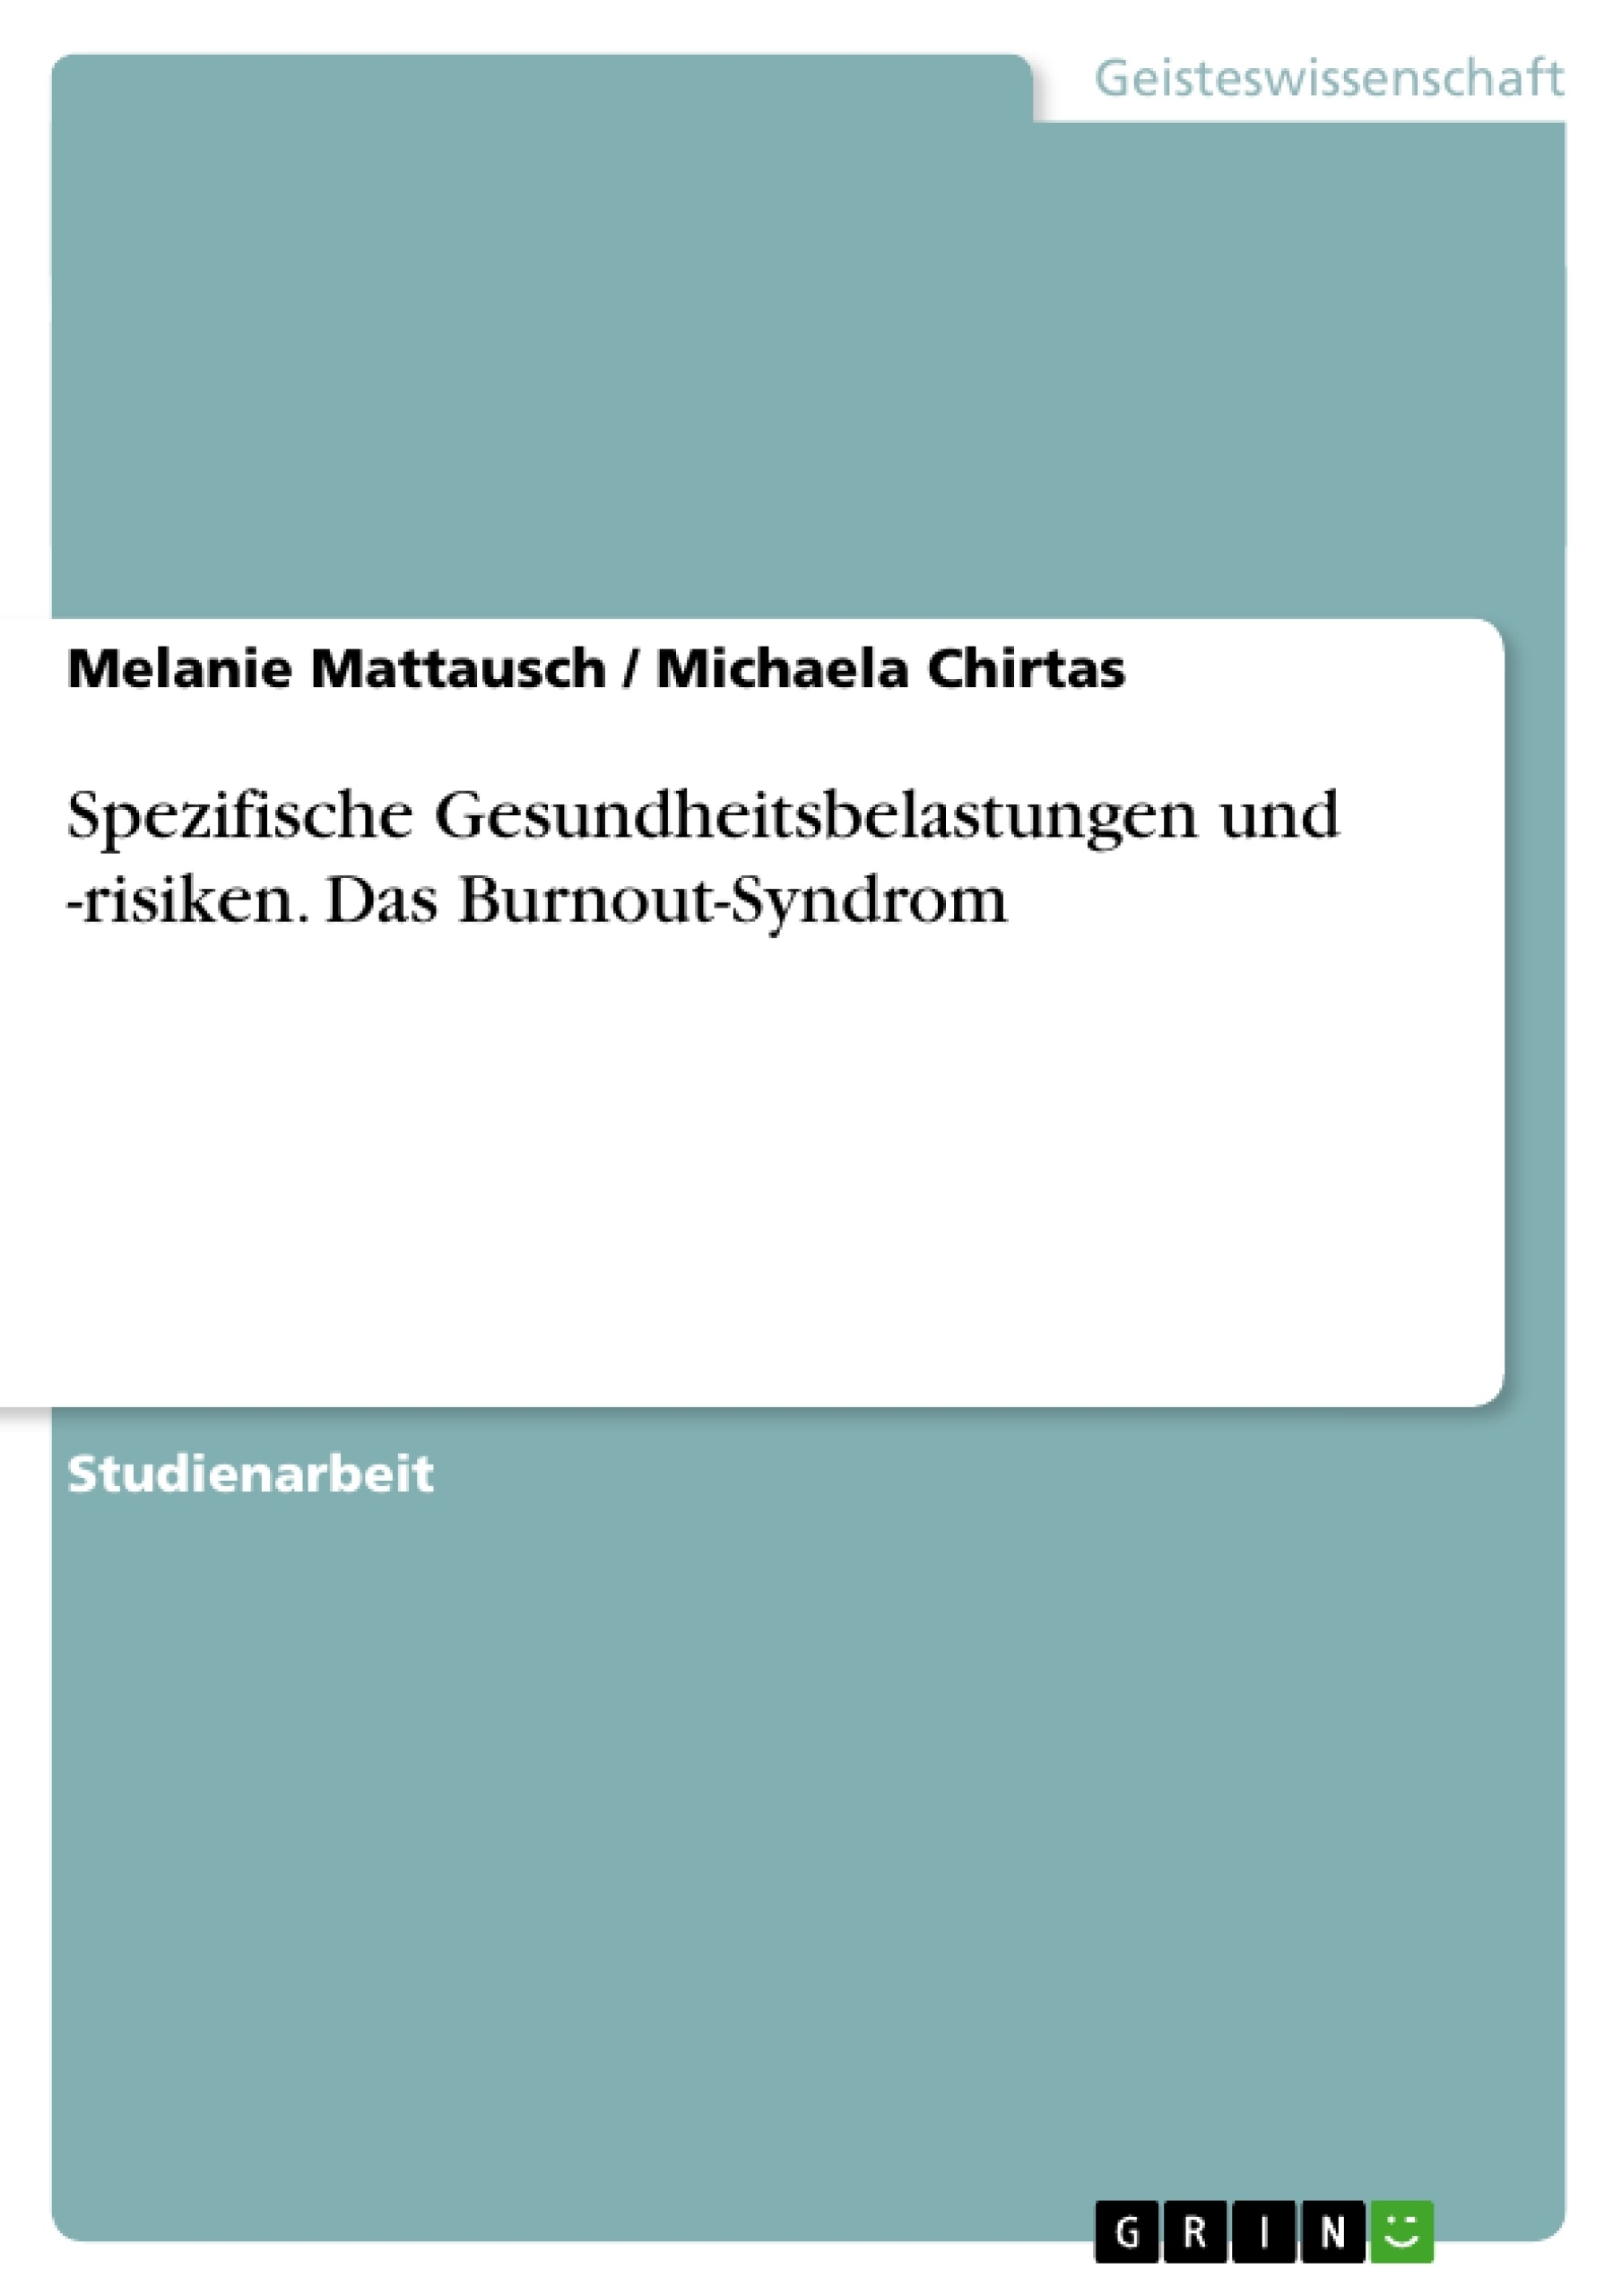 Titel: Spezifische Gesundheitsbelastungen und -risiken. Das Burnout-Syndrom